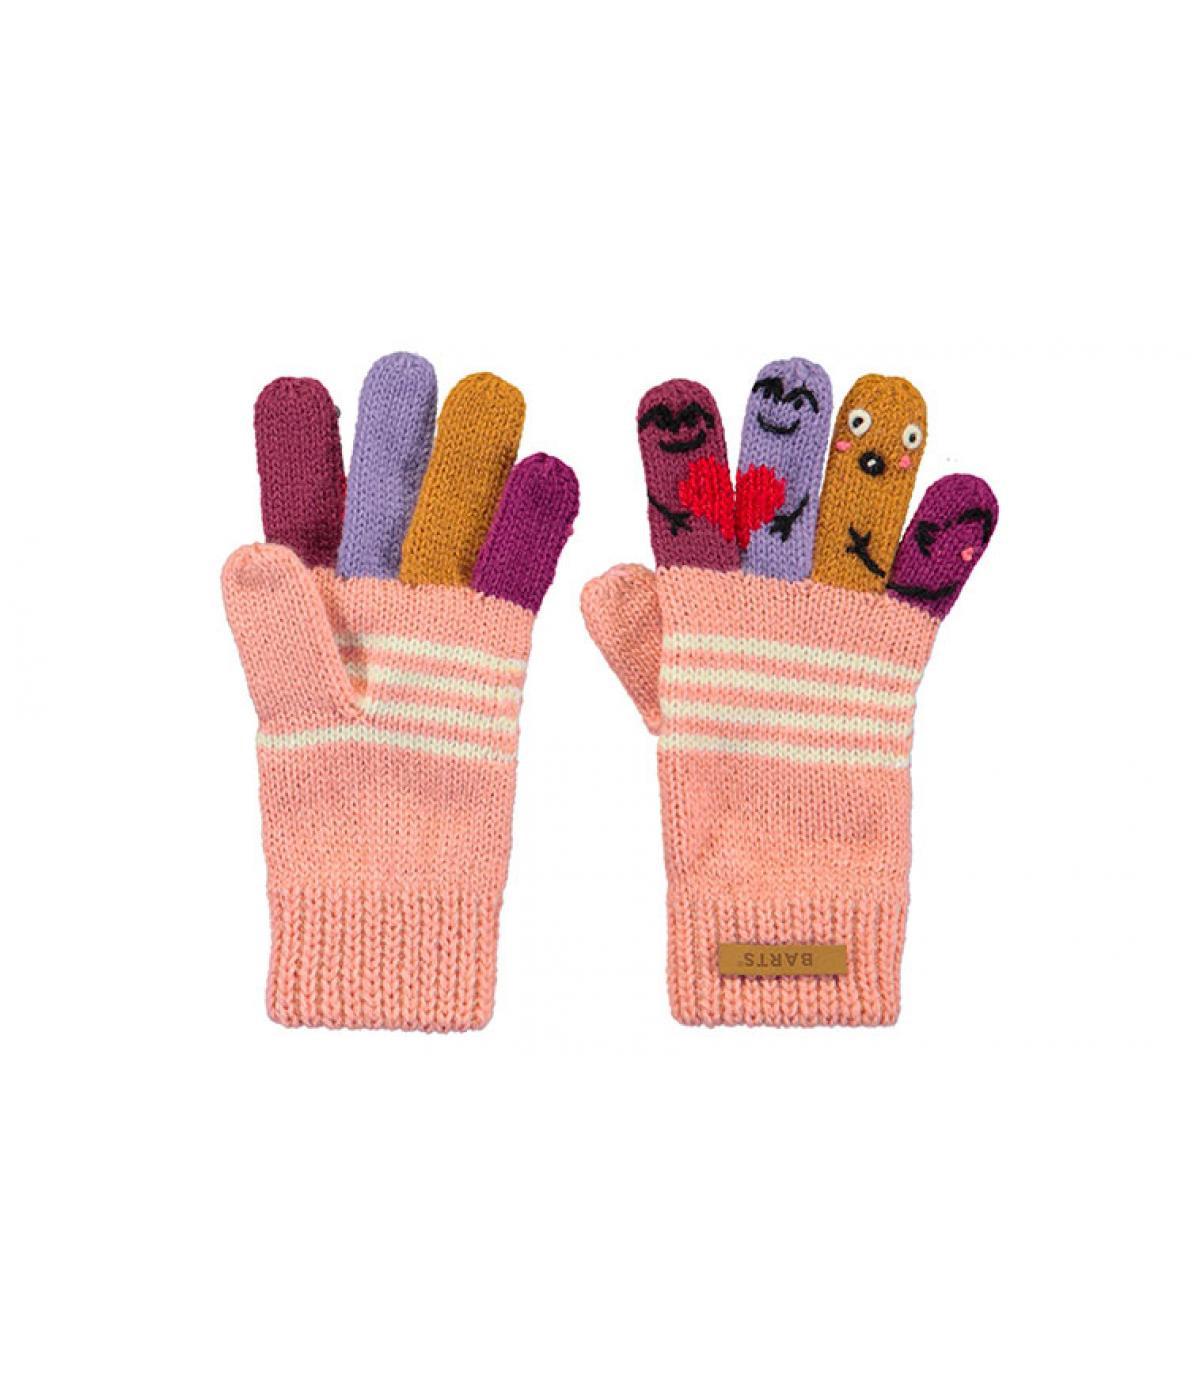 roze kindhand handschoenen